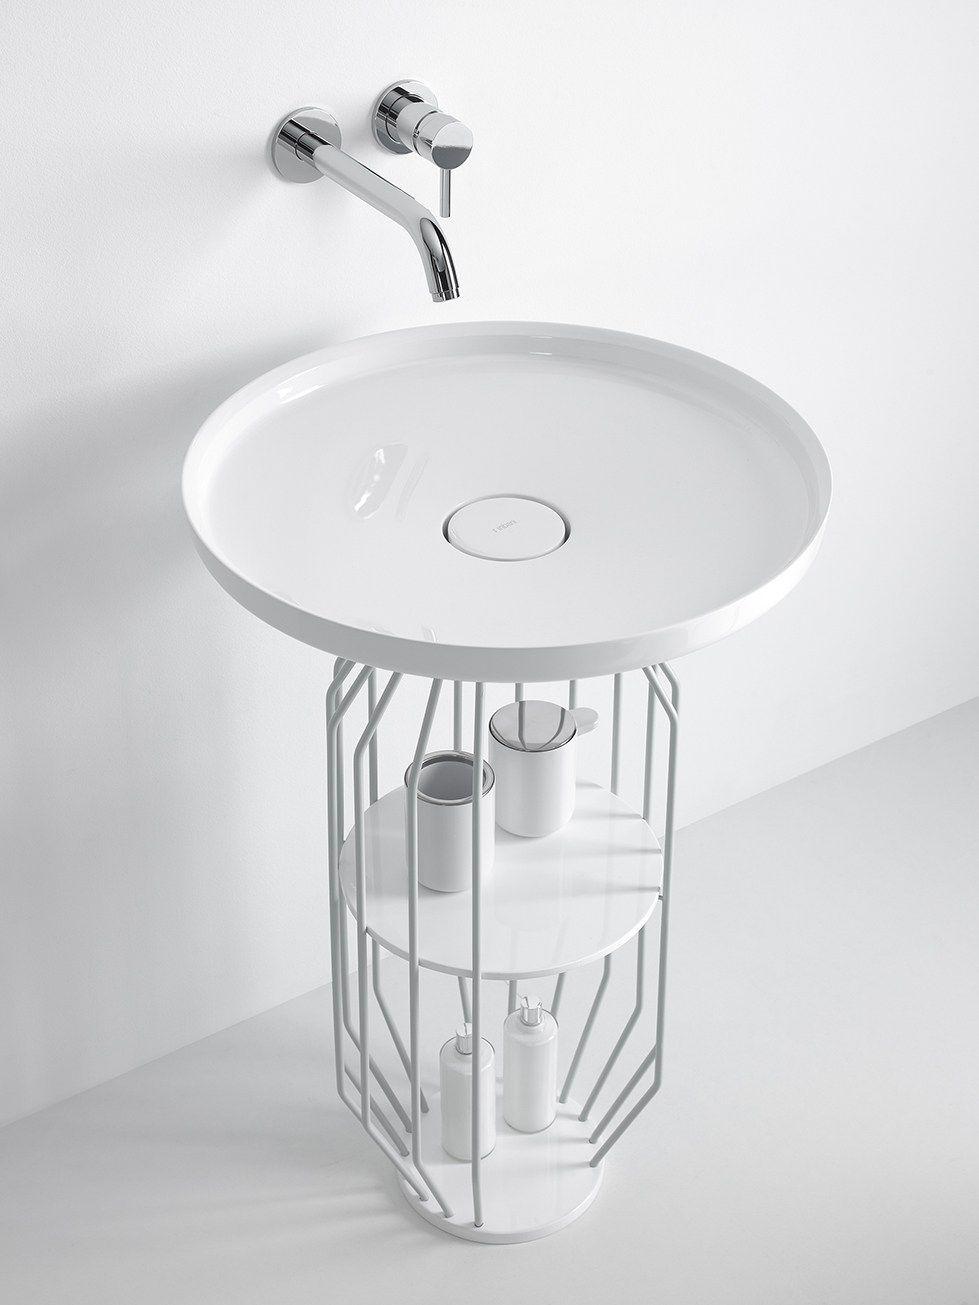 Ceramilux® vanity unit BOWL Bowl Collection by INBANI   design Arik Levy